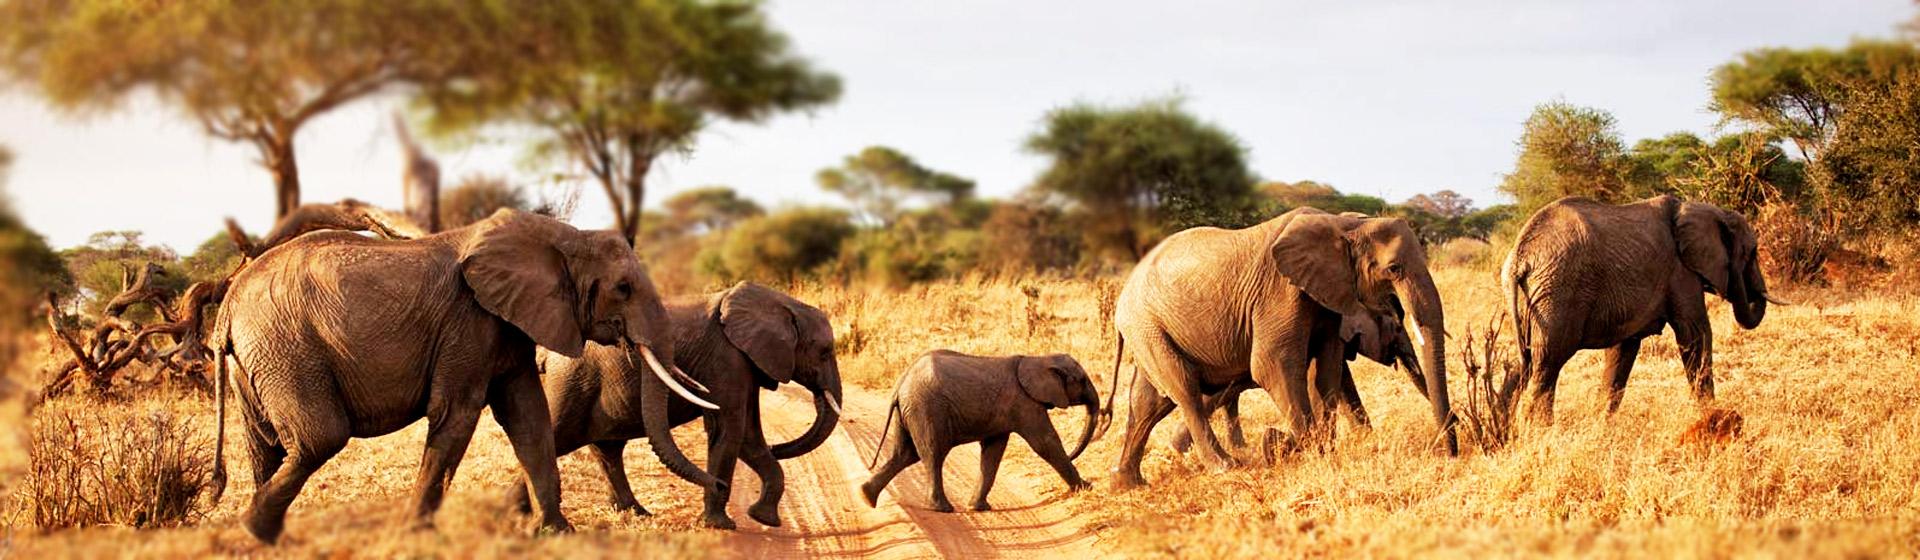 East Africa Adventures